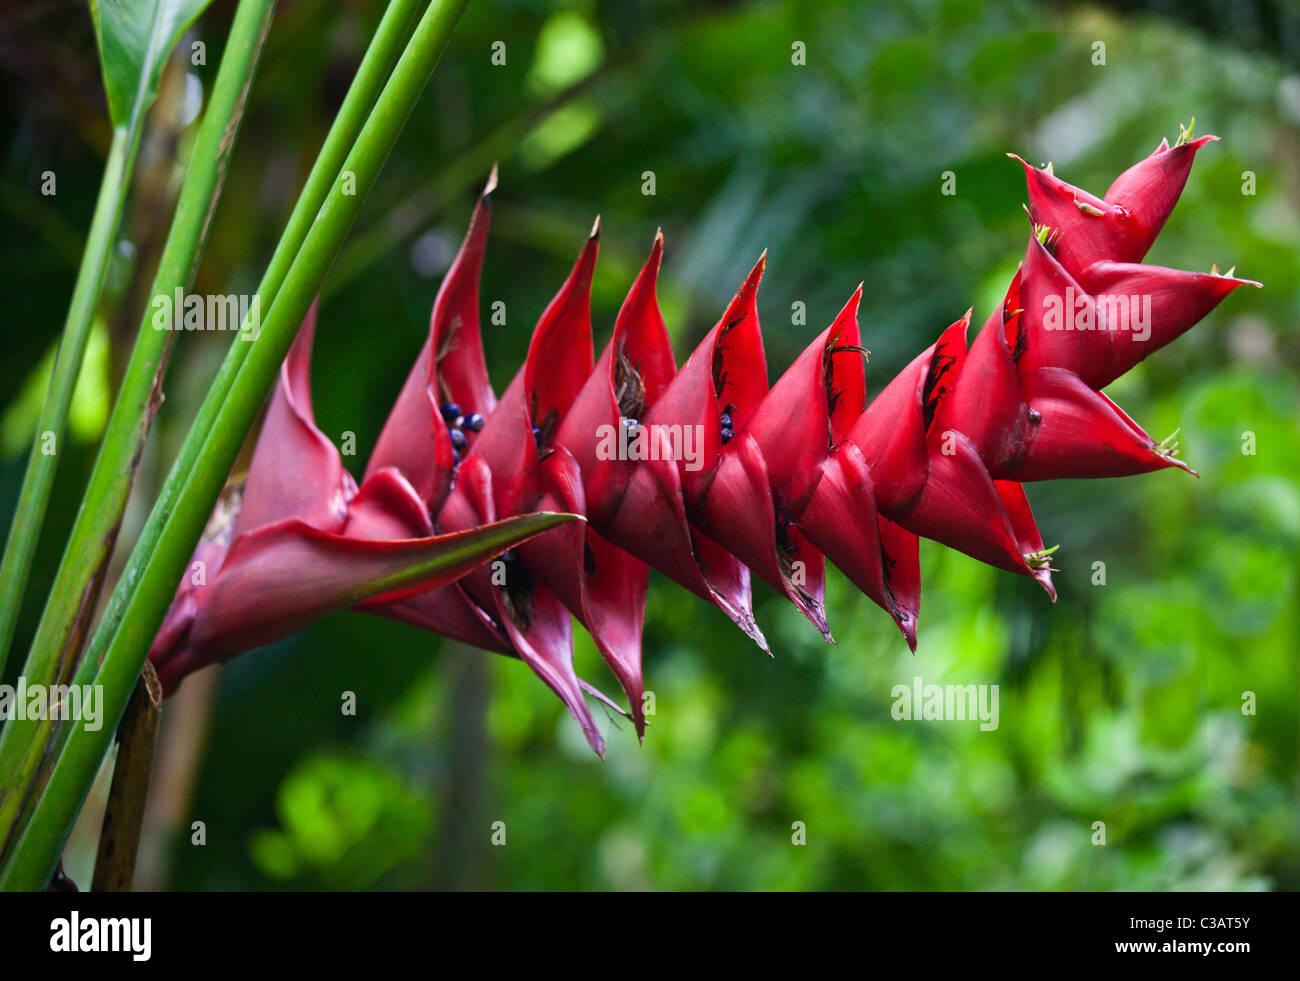 exotische tropische pflanzen bl hen im botanischen garten. Black Bedroom Furniture Sets. Home Design Ideas